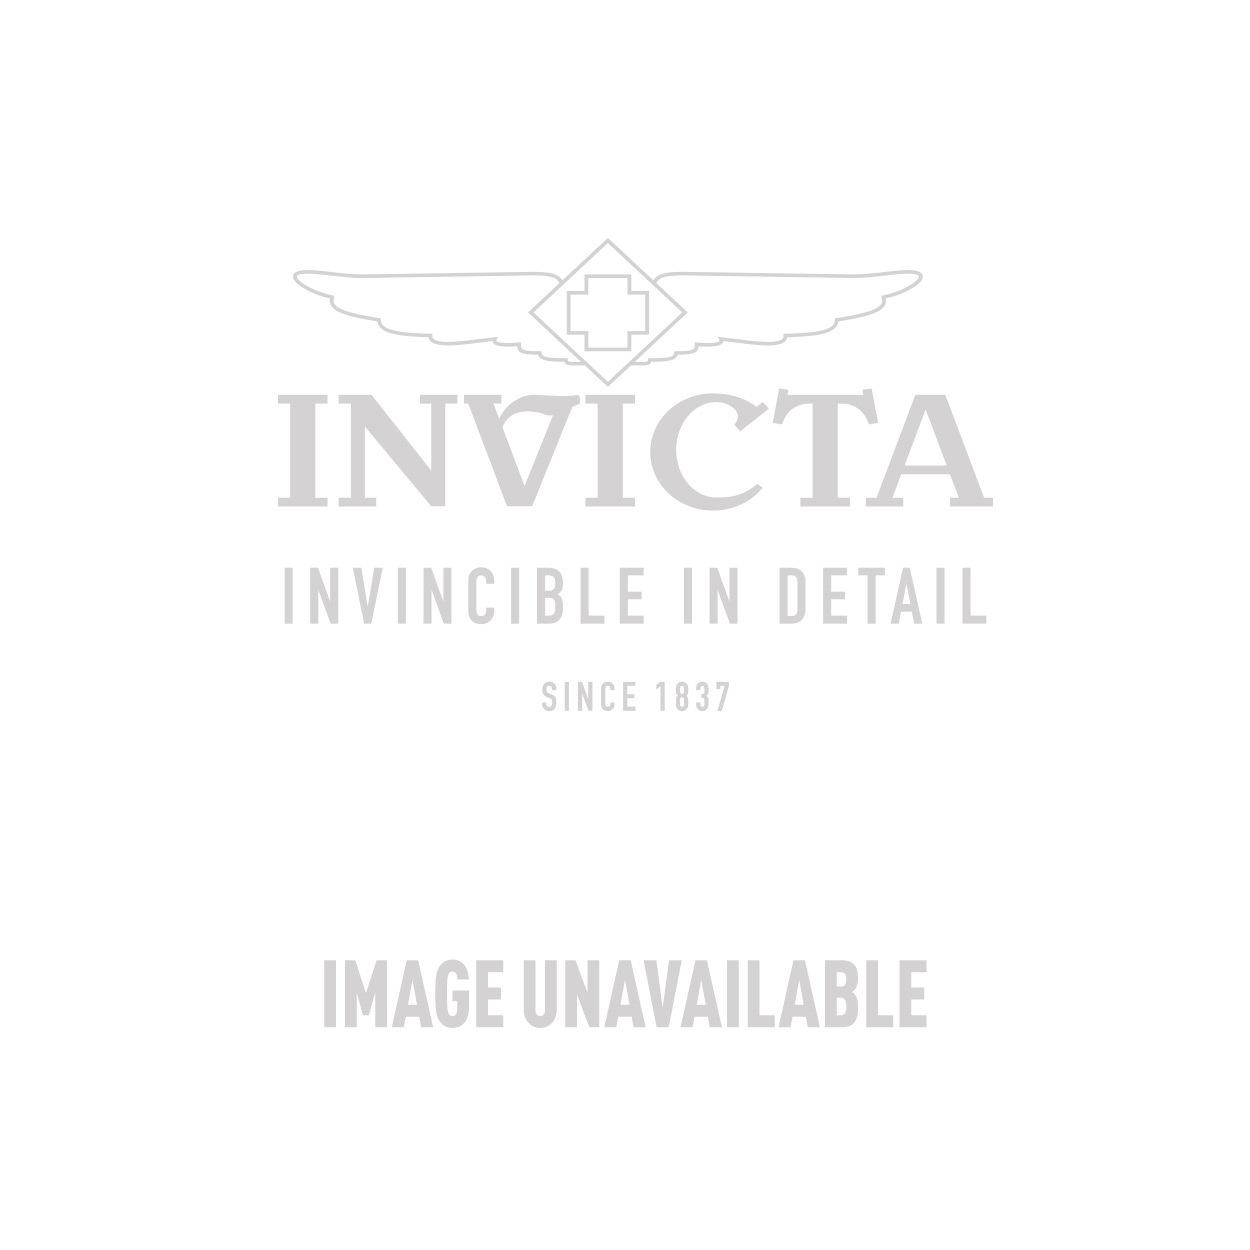 Invicta Model 25551